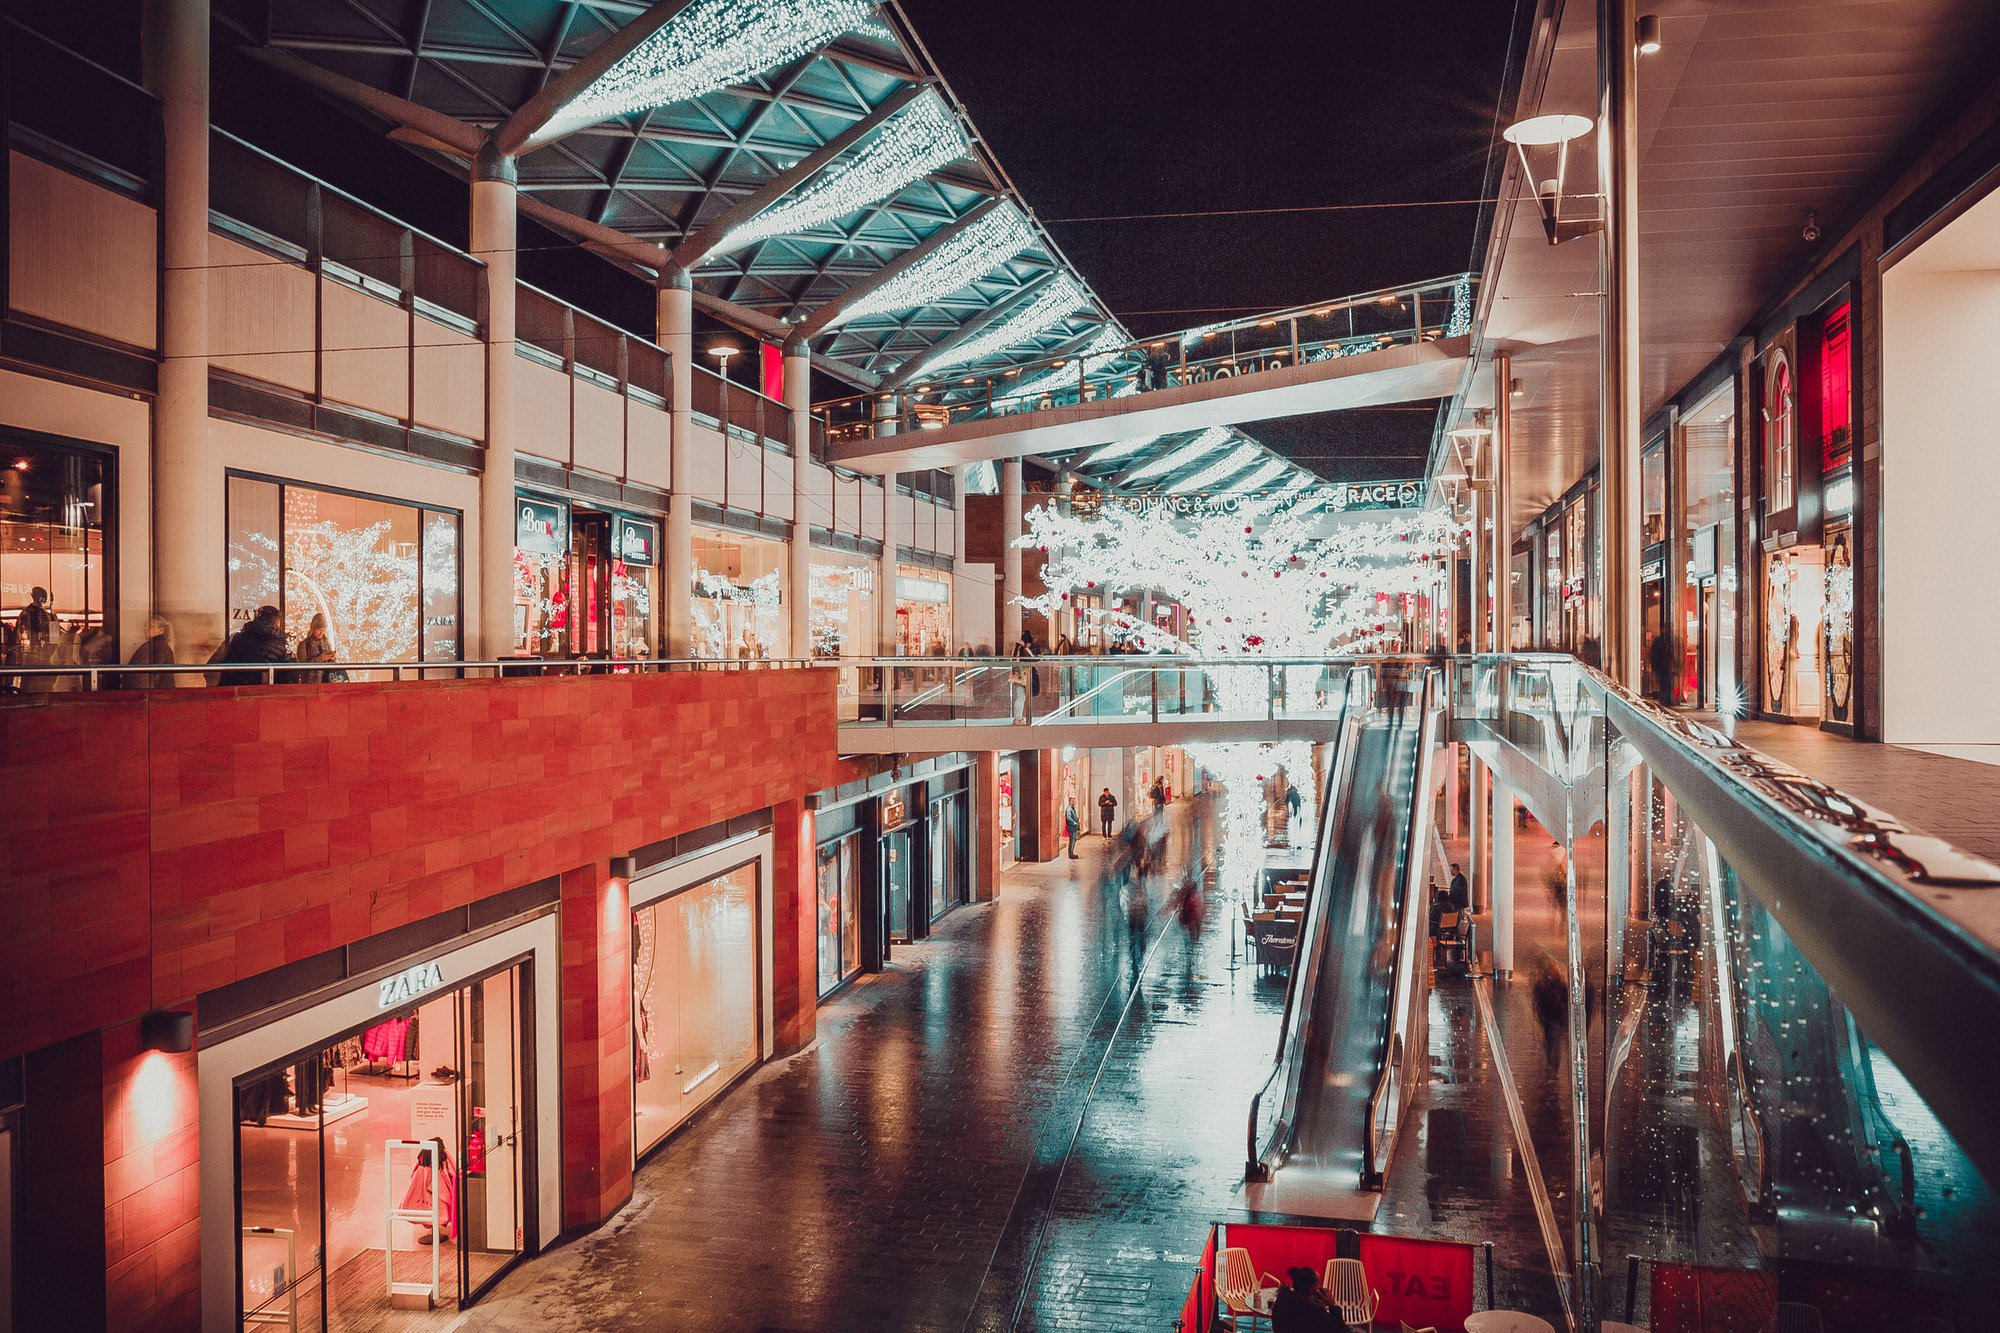 Visite virtuelle à 360° : Continuez à croître votre entreprise au milieu de la pandémie de la CoVid